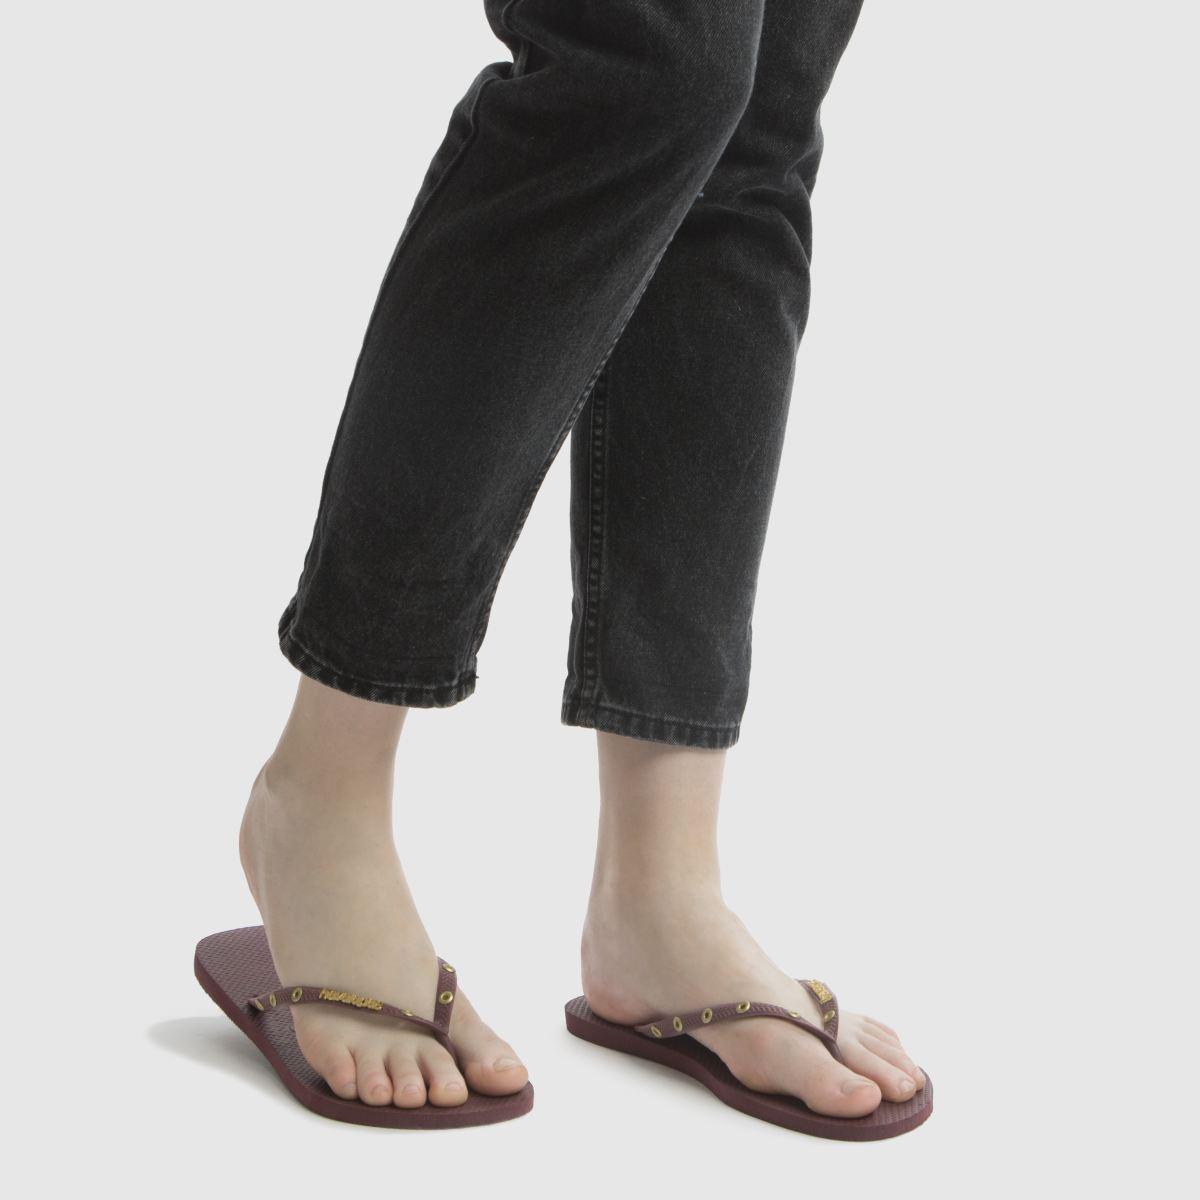 Damen Weinrot havaianas Qualität Slim Hardware Sandalen   schuh Gute Qualität havaianas beliebte Schuhe fe1be2